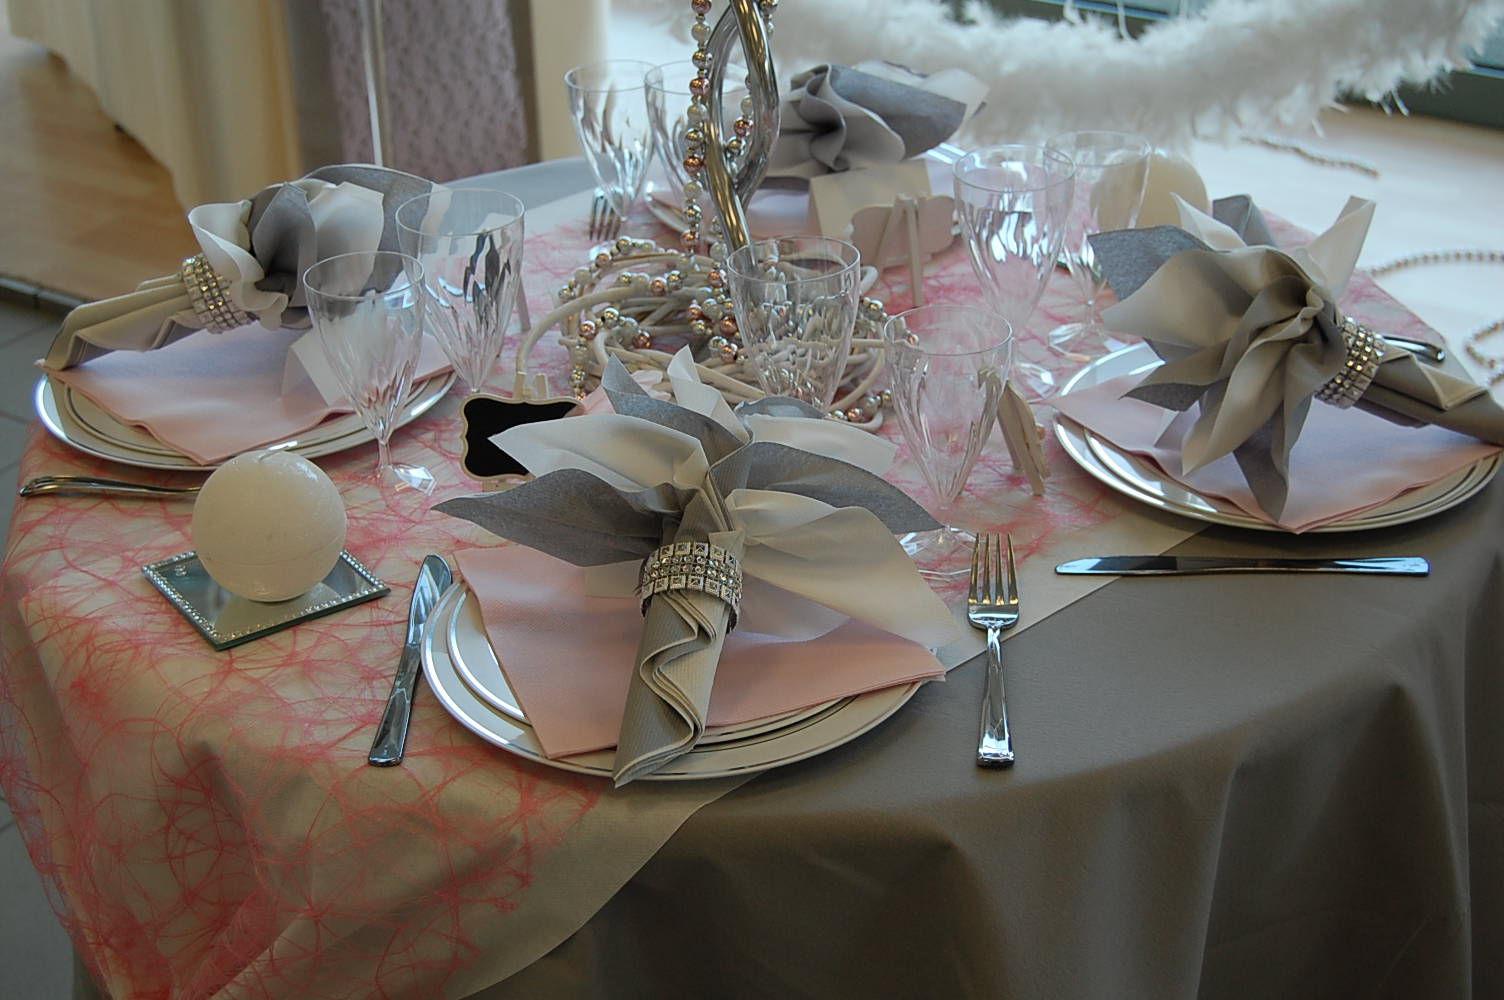 Isata 1er en normandie sur la d coration de table usage - Nappe rose poudre ...